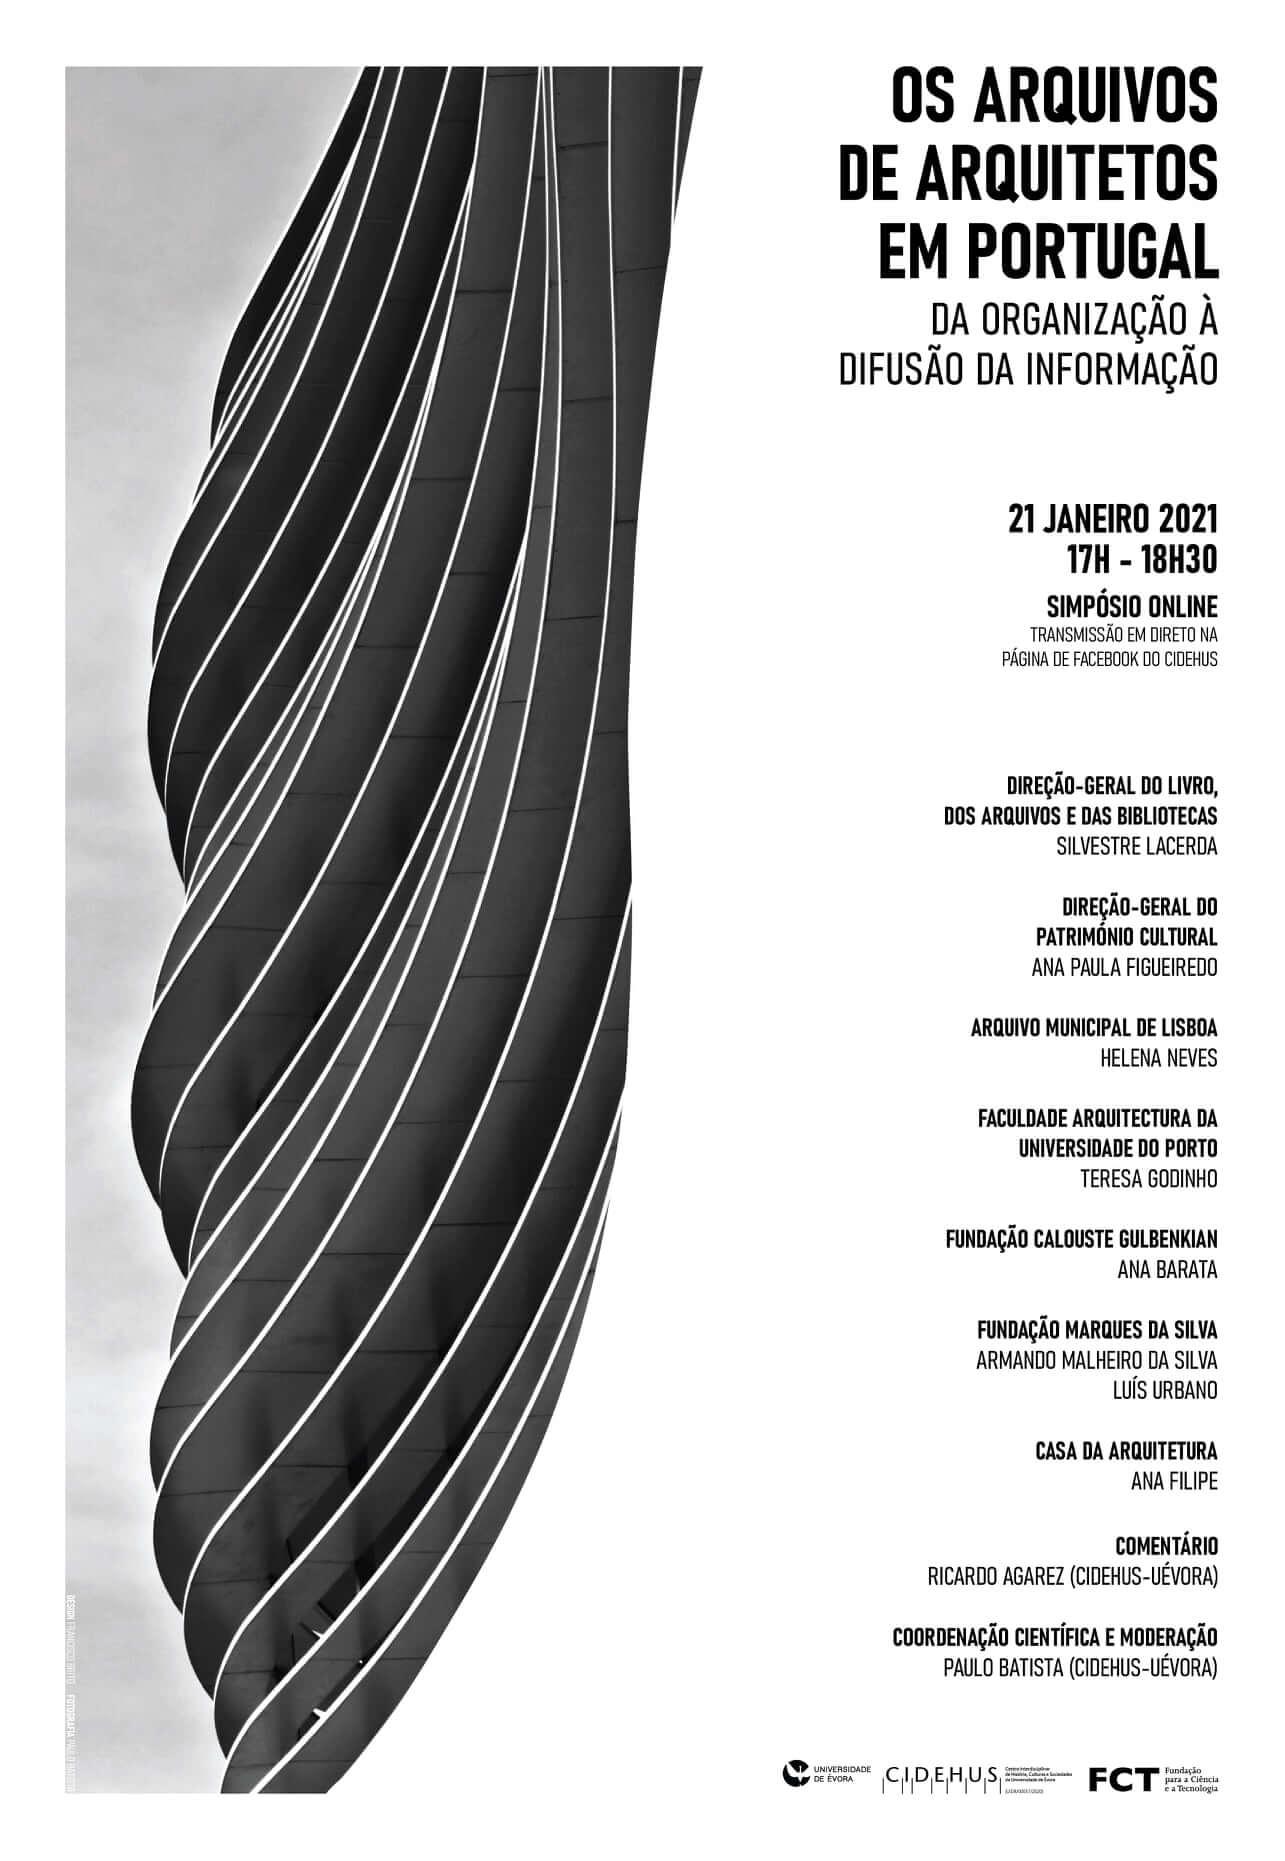 Os Arquivos de Arquitetos em Portugal: da organização à difusão da informação